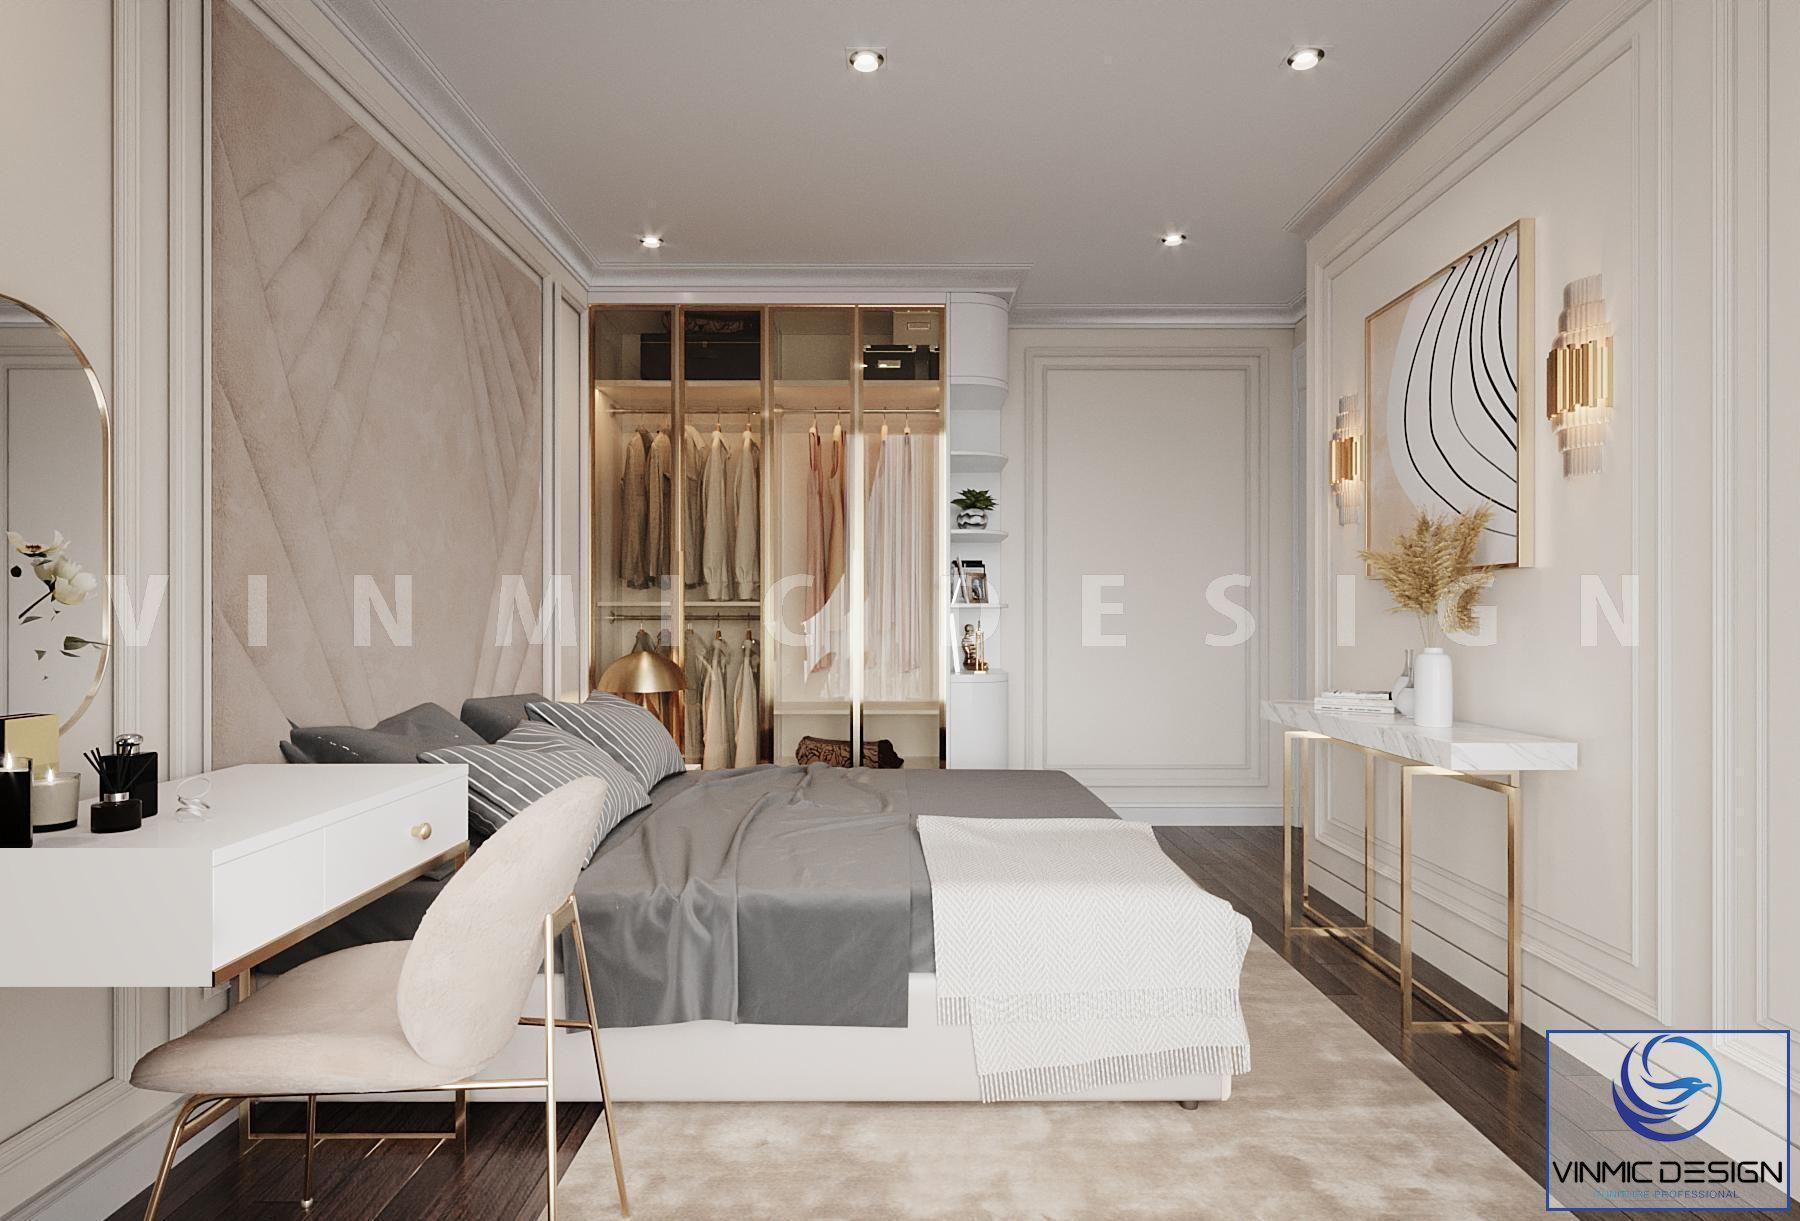 Thiết kế nội thất phòng ngủ phong cách tân cổ điển với tone màu vàng đồng đẹp mắt